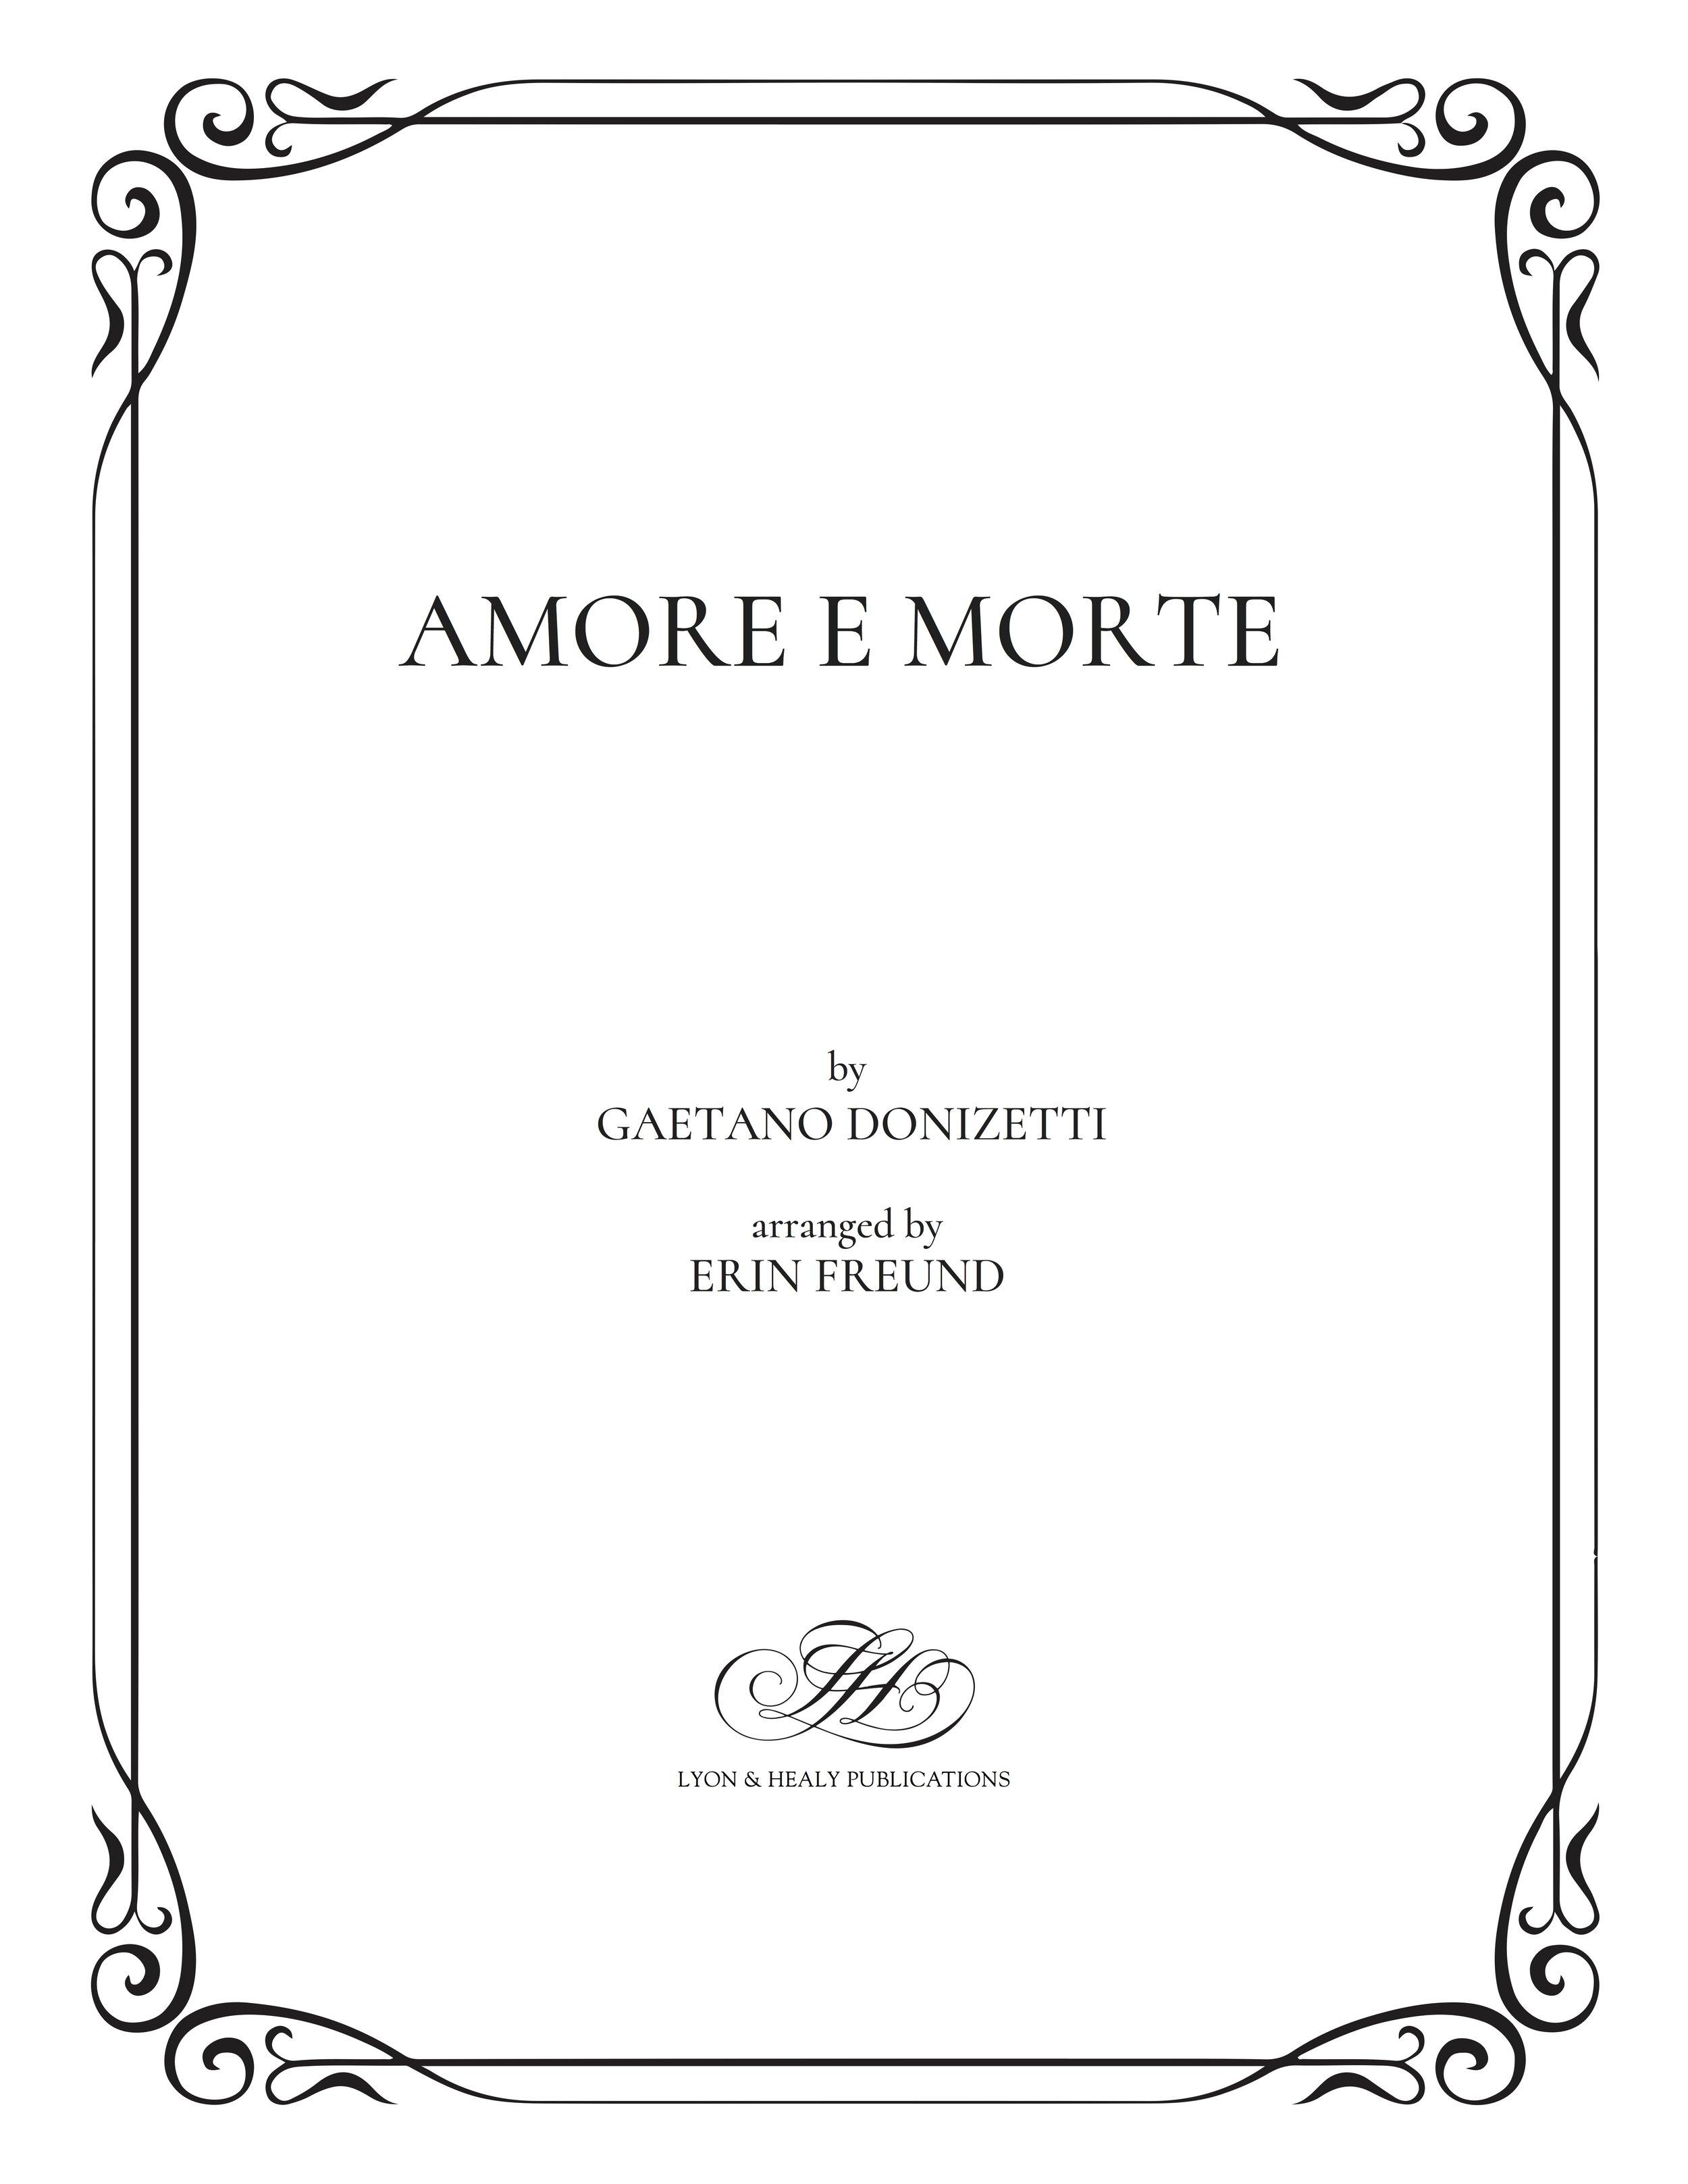 Amore e morte - Donizetti-Freund cover.jpg